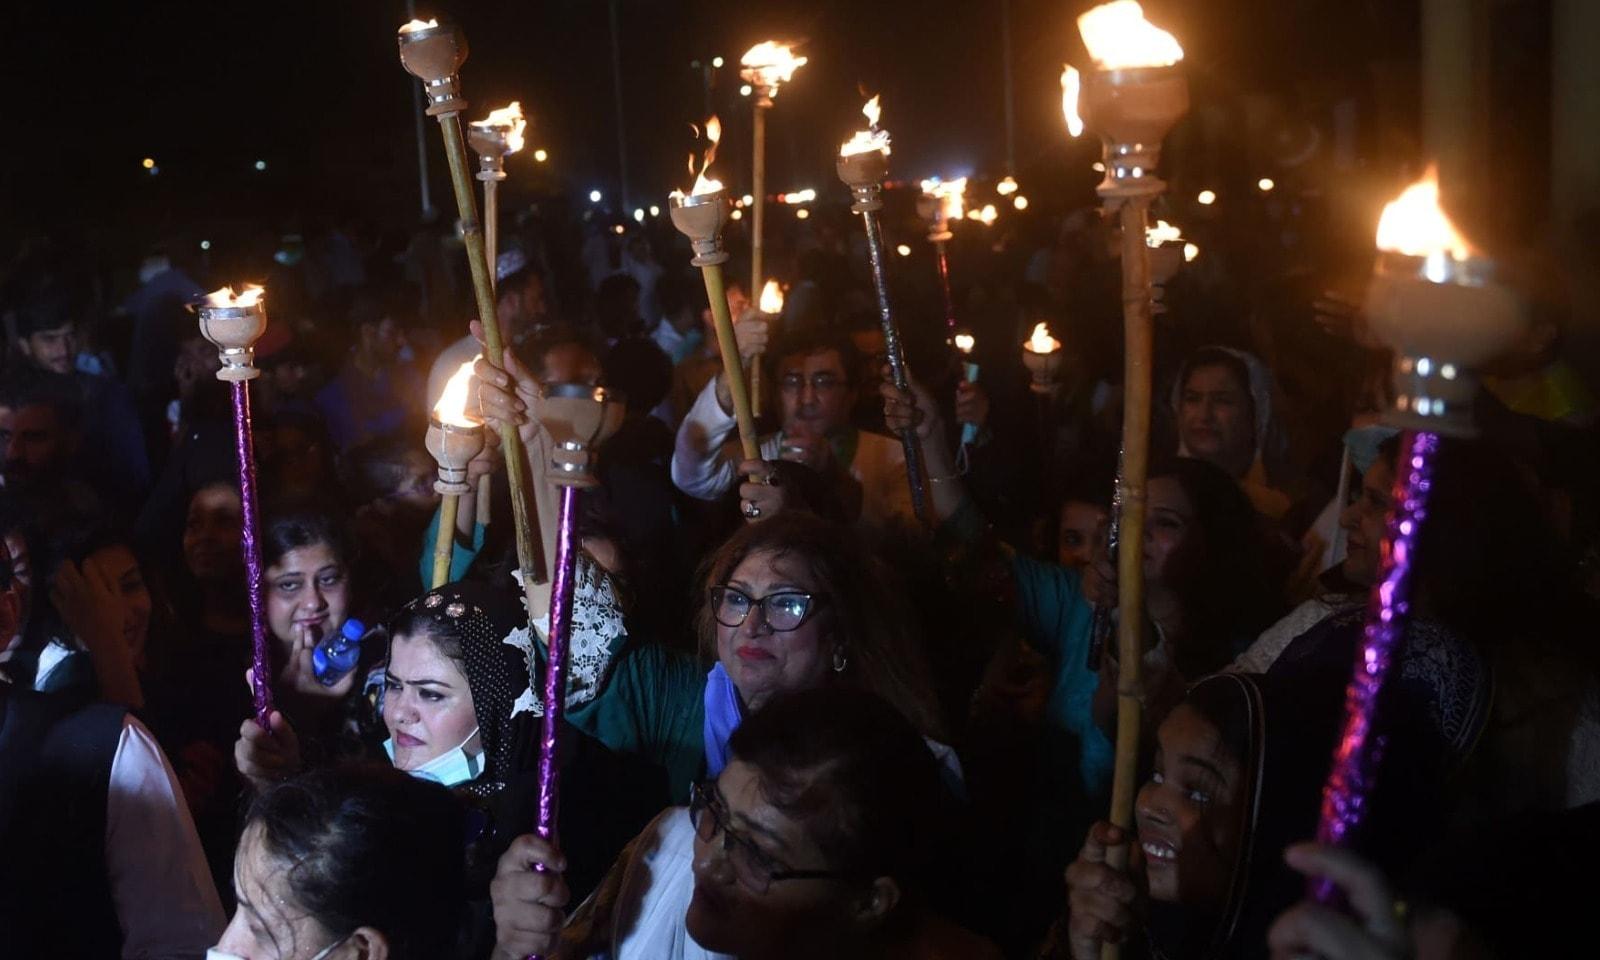 کراچی میں شہریوں نے شمع روشن کی ہوئی ہے — فوٹو: اے ایف پی